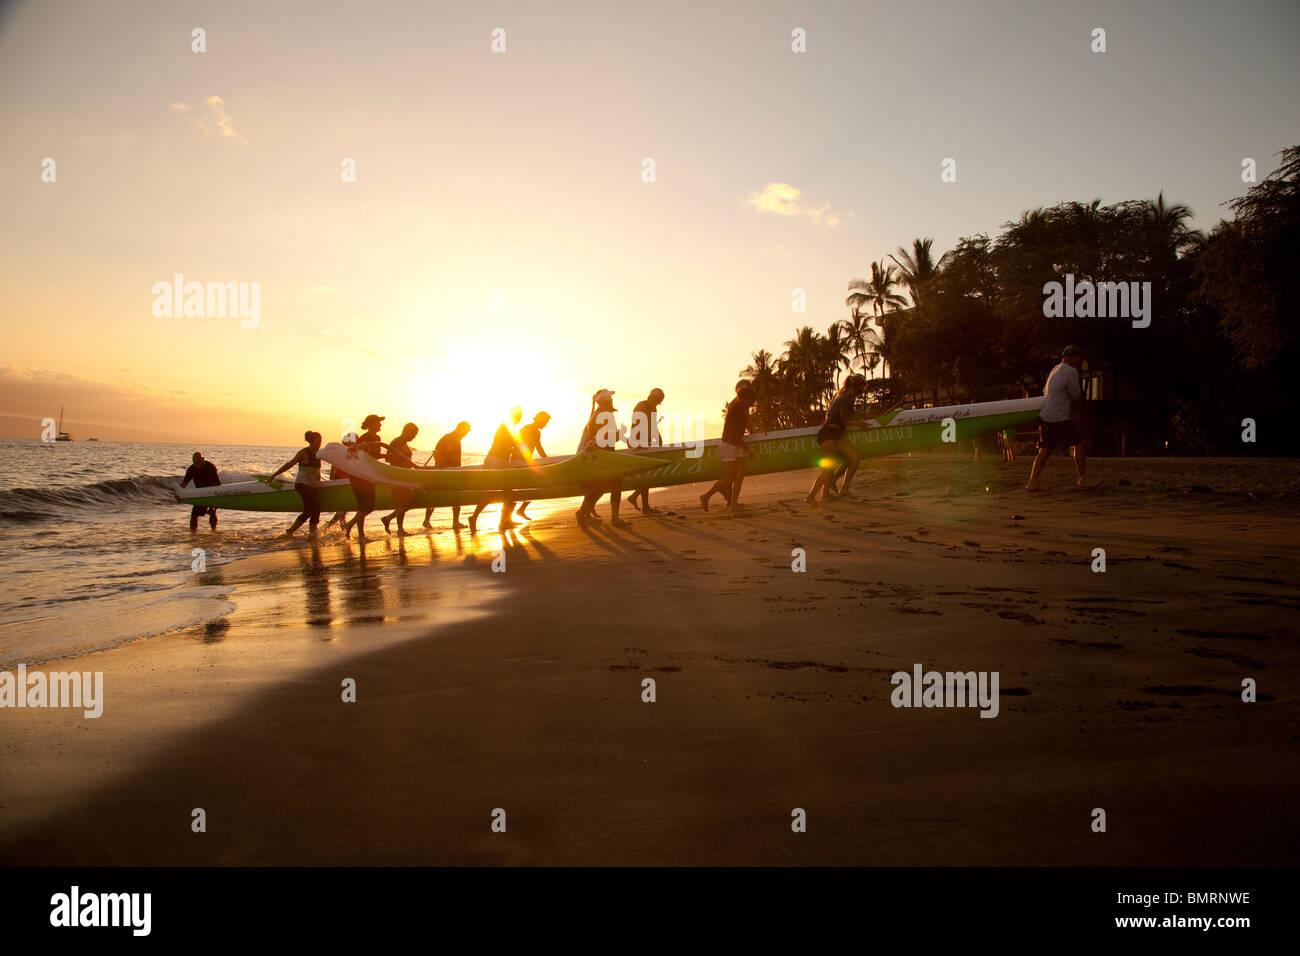 Hanaka'o'o Beach Park, aka Canoe Beach, Maui, Hawaii - Stock Image